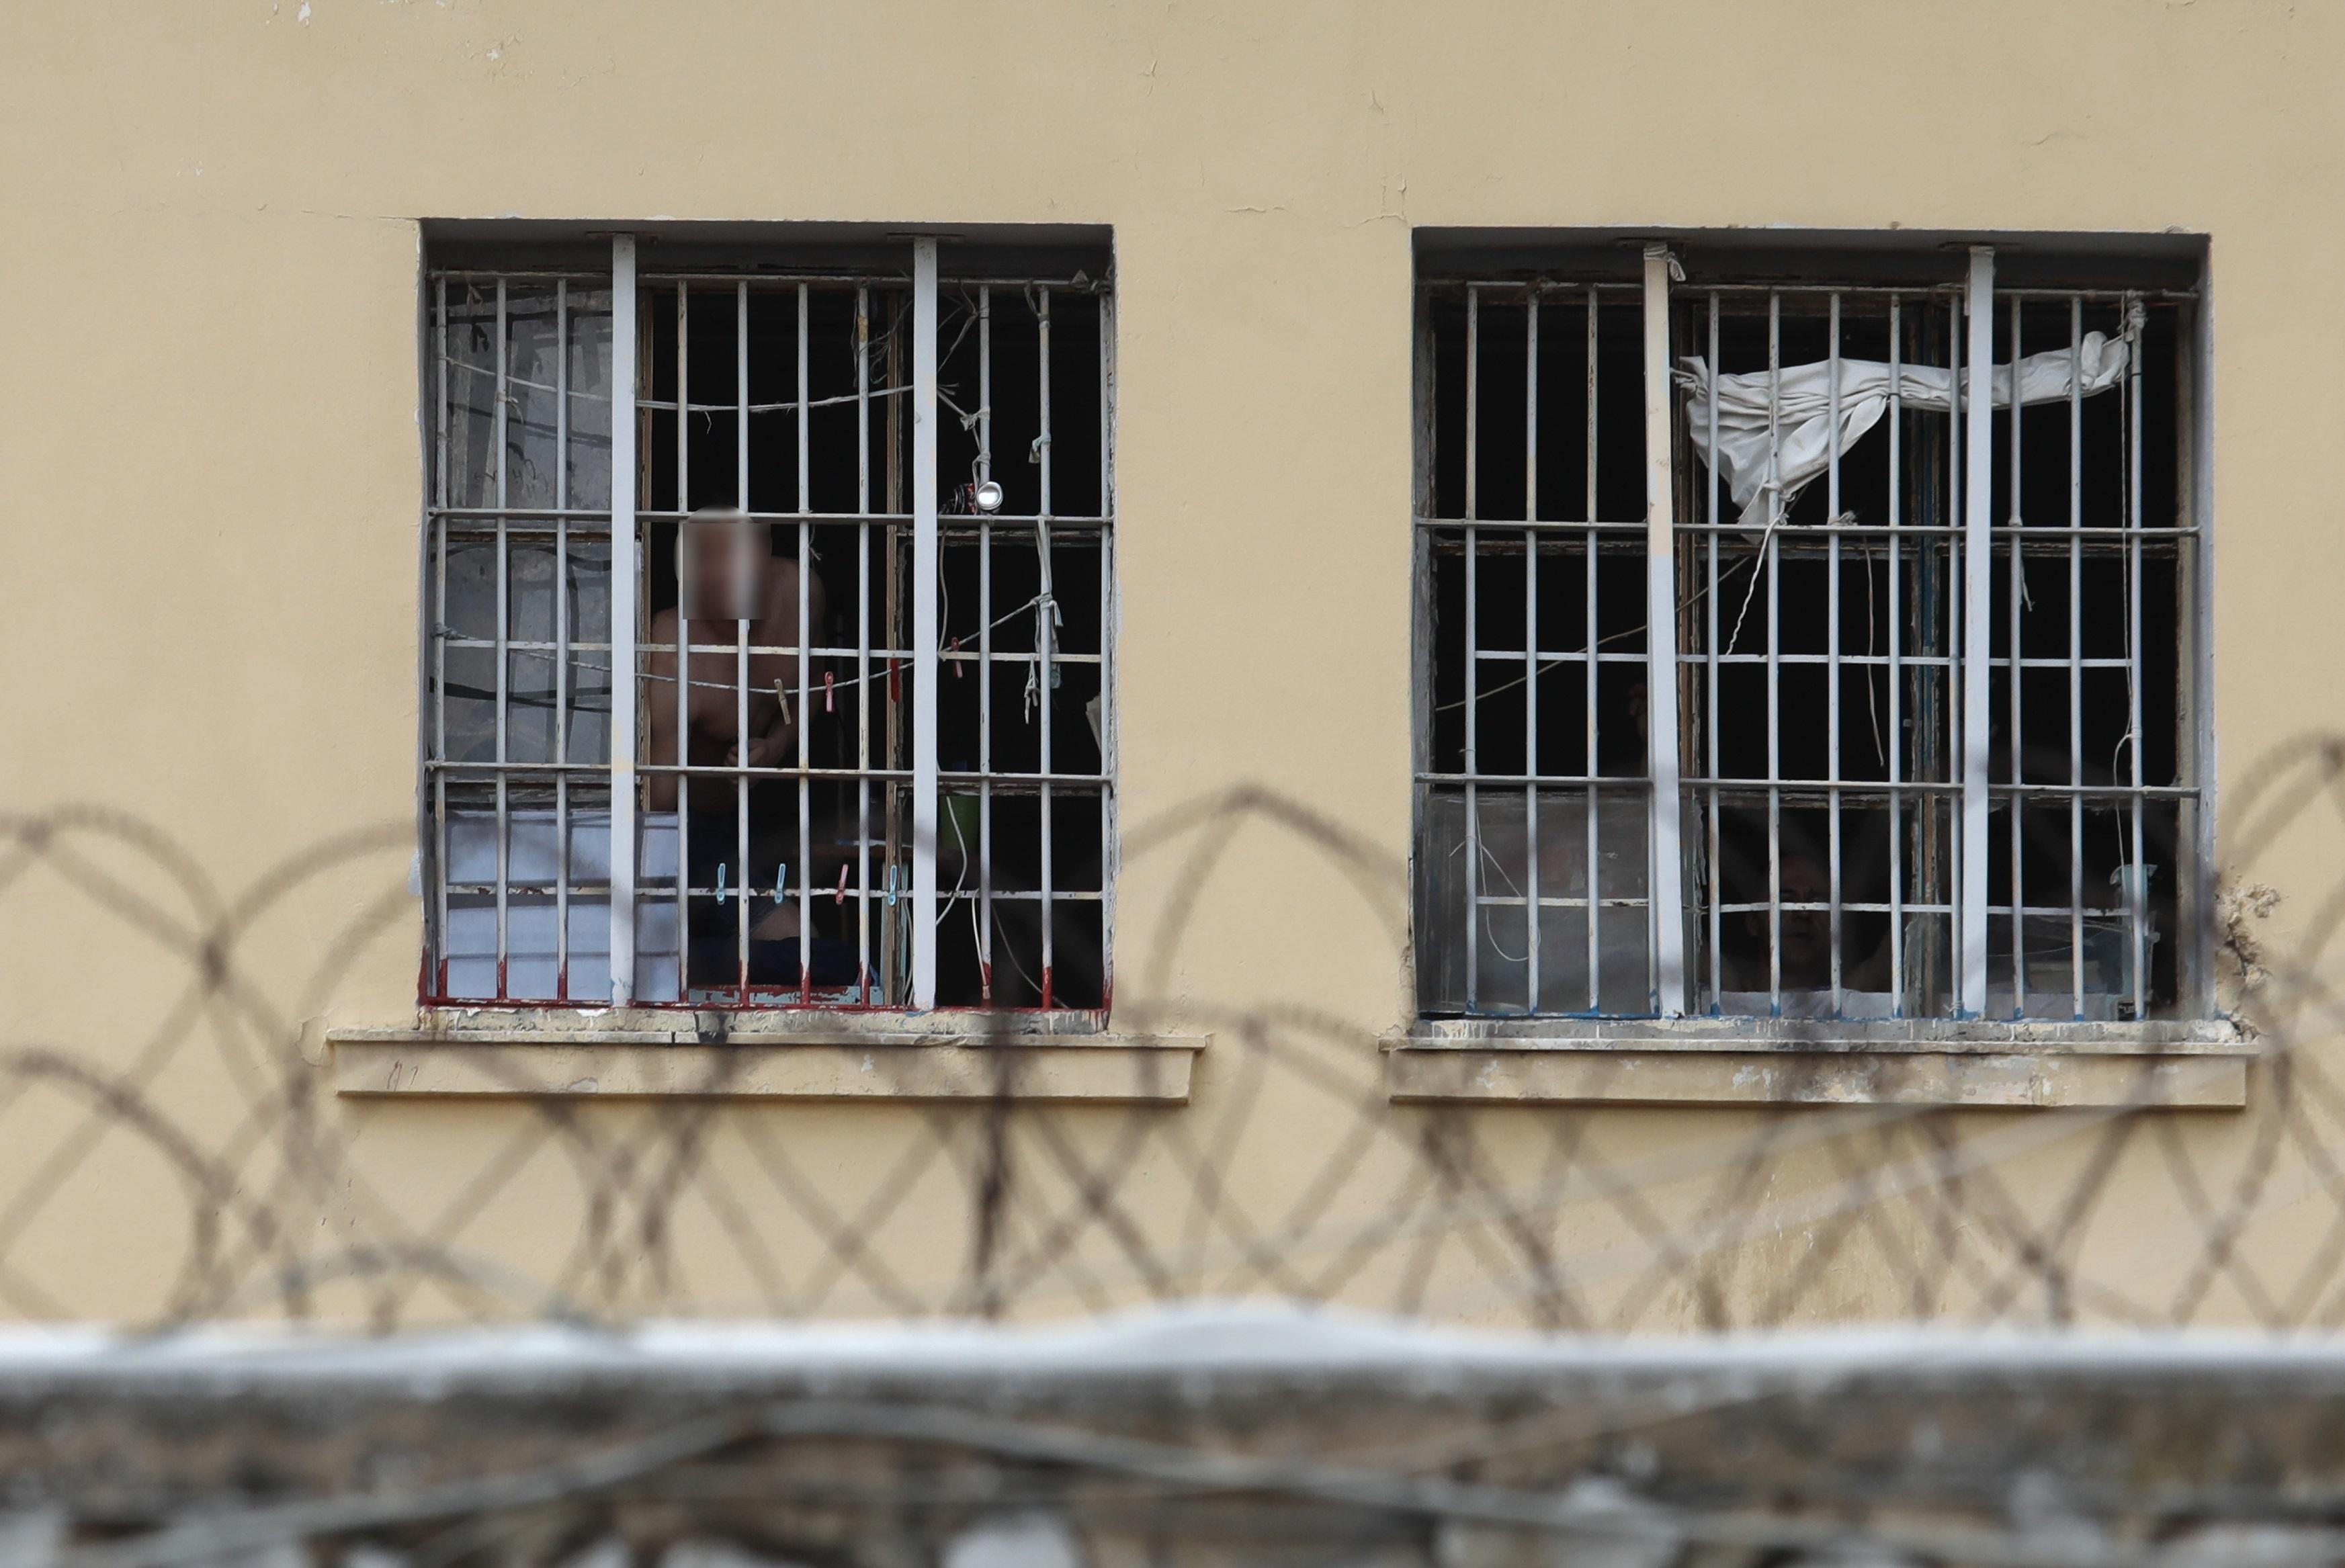 Υπουργείο Προστασίας Πολίτη: Ψευδές και συκοφαντικό το δημοσίευμα για βασανισμό κρατουμένου